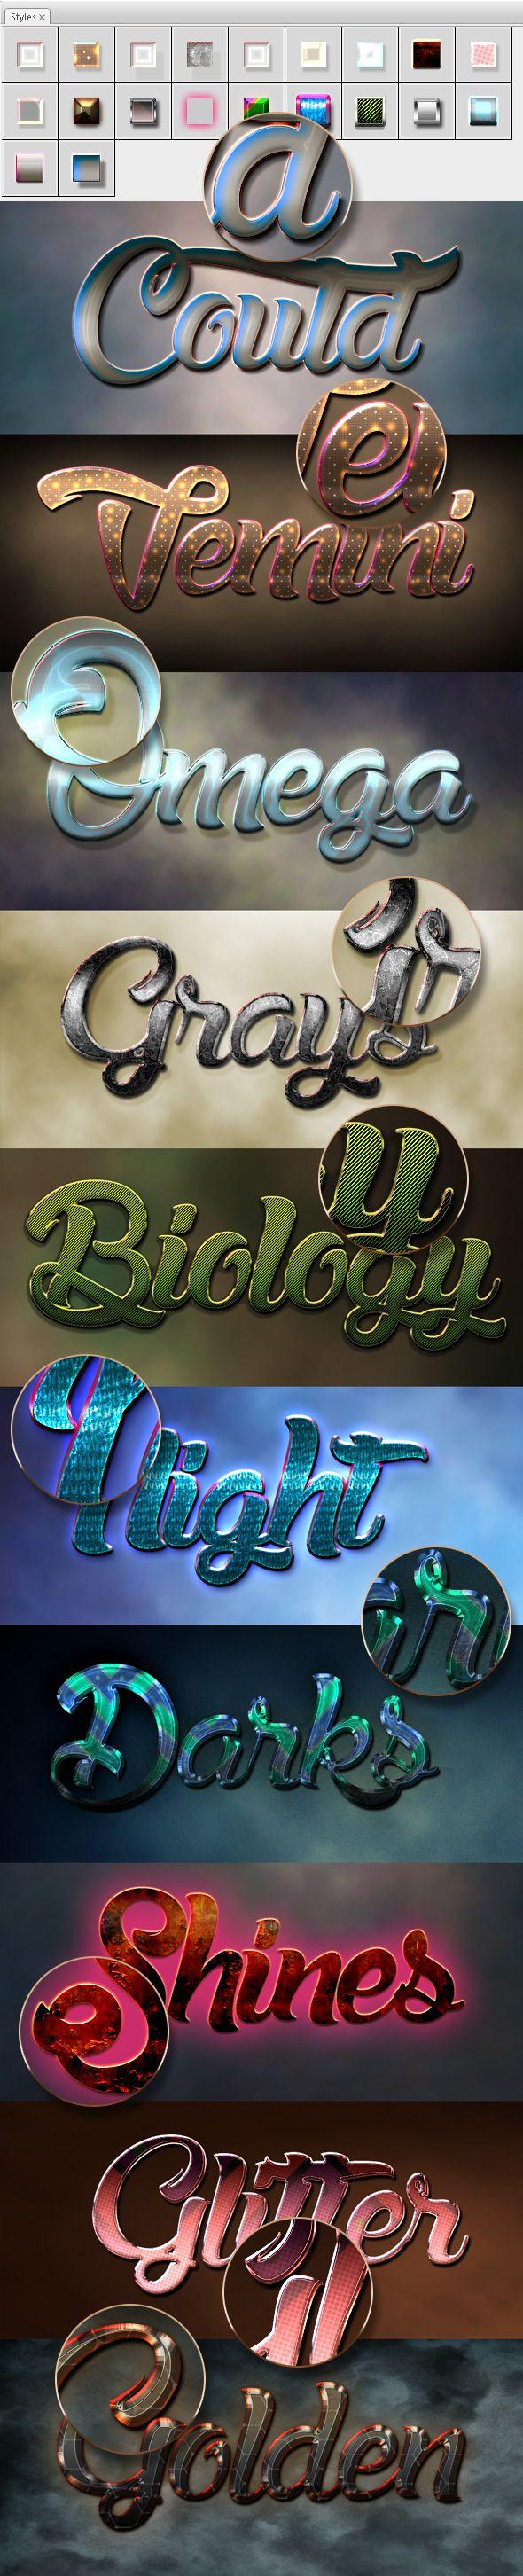 10 #3D #Text Styles D_58 - Styles #Photoshop